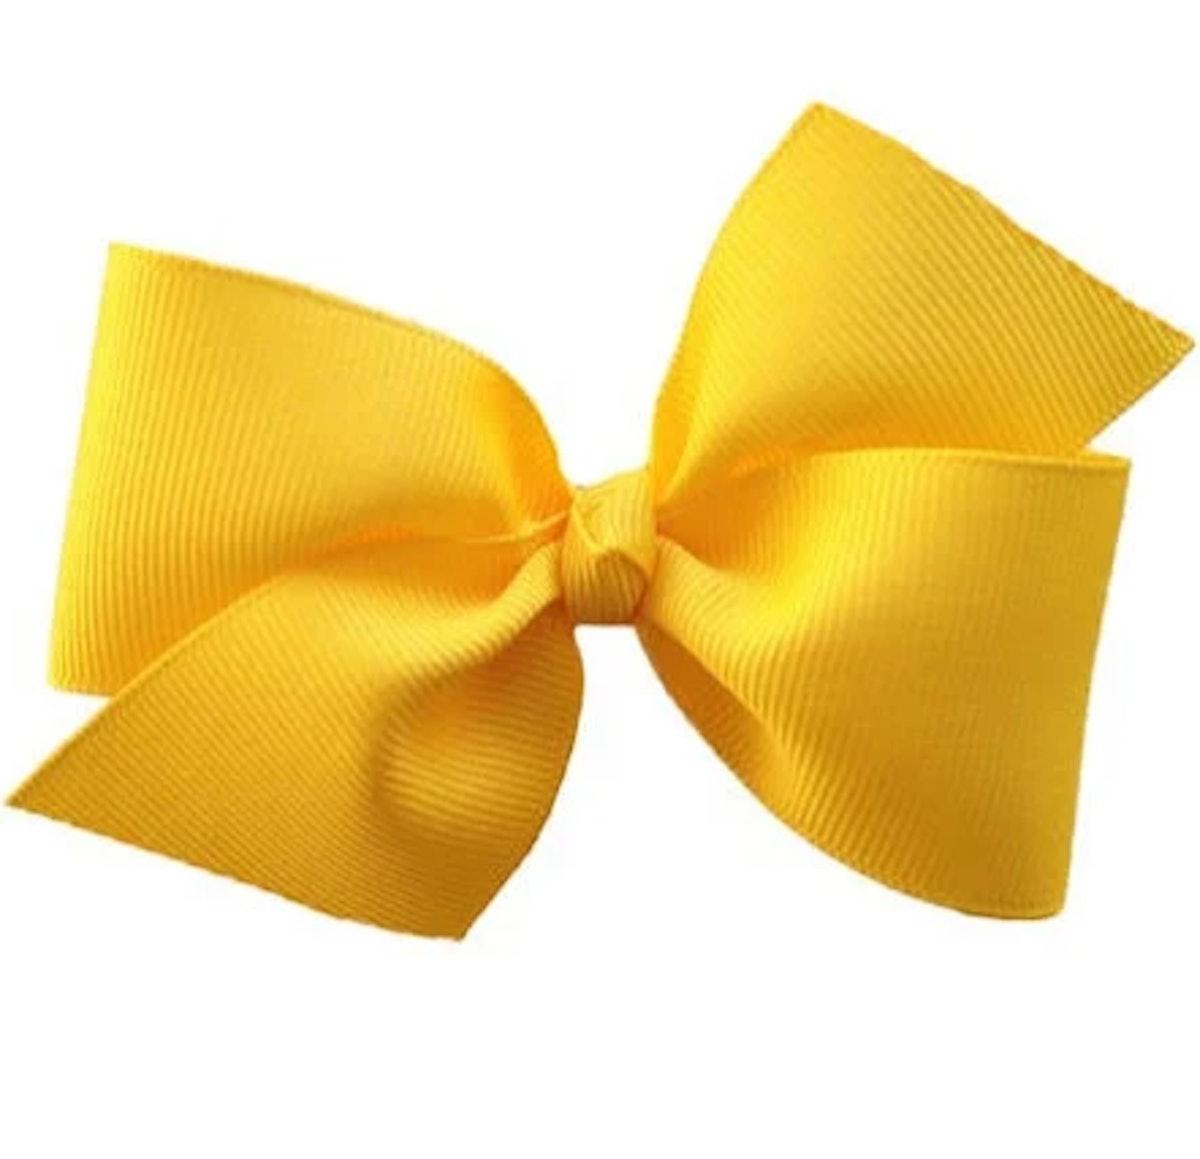 Yellow hair bow - hair bows, girls hair bows, toddler hair bows, baby bows, hair bows for girls, hair clips